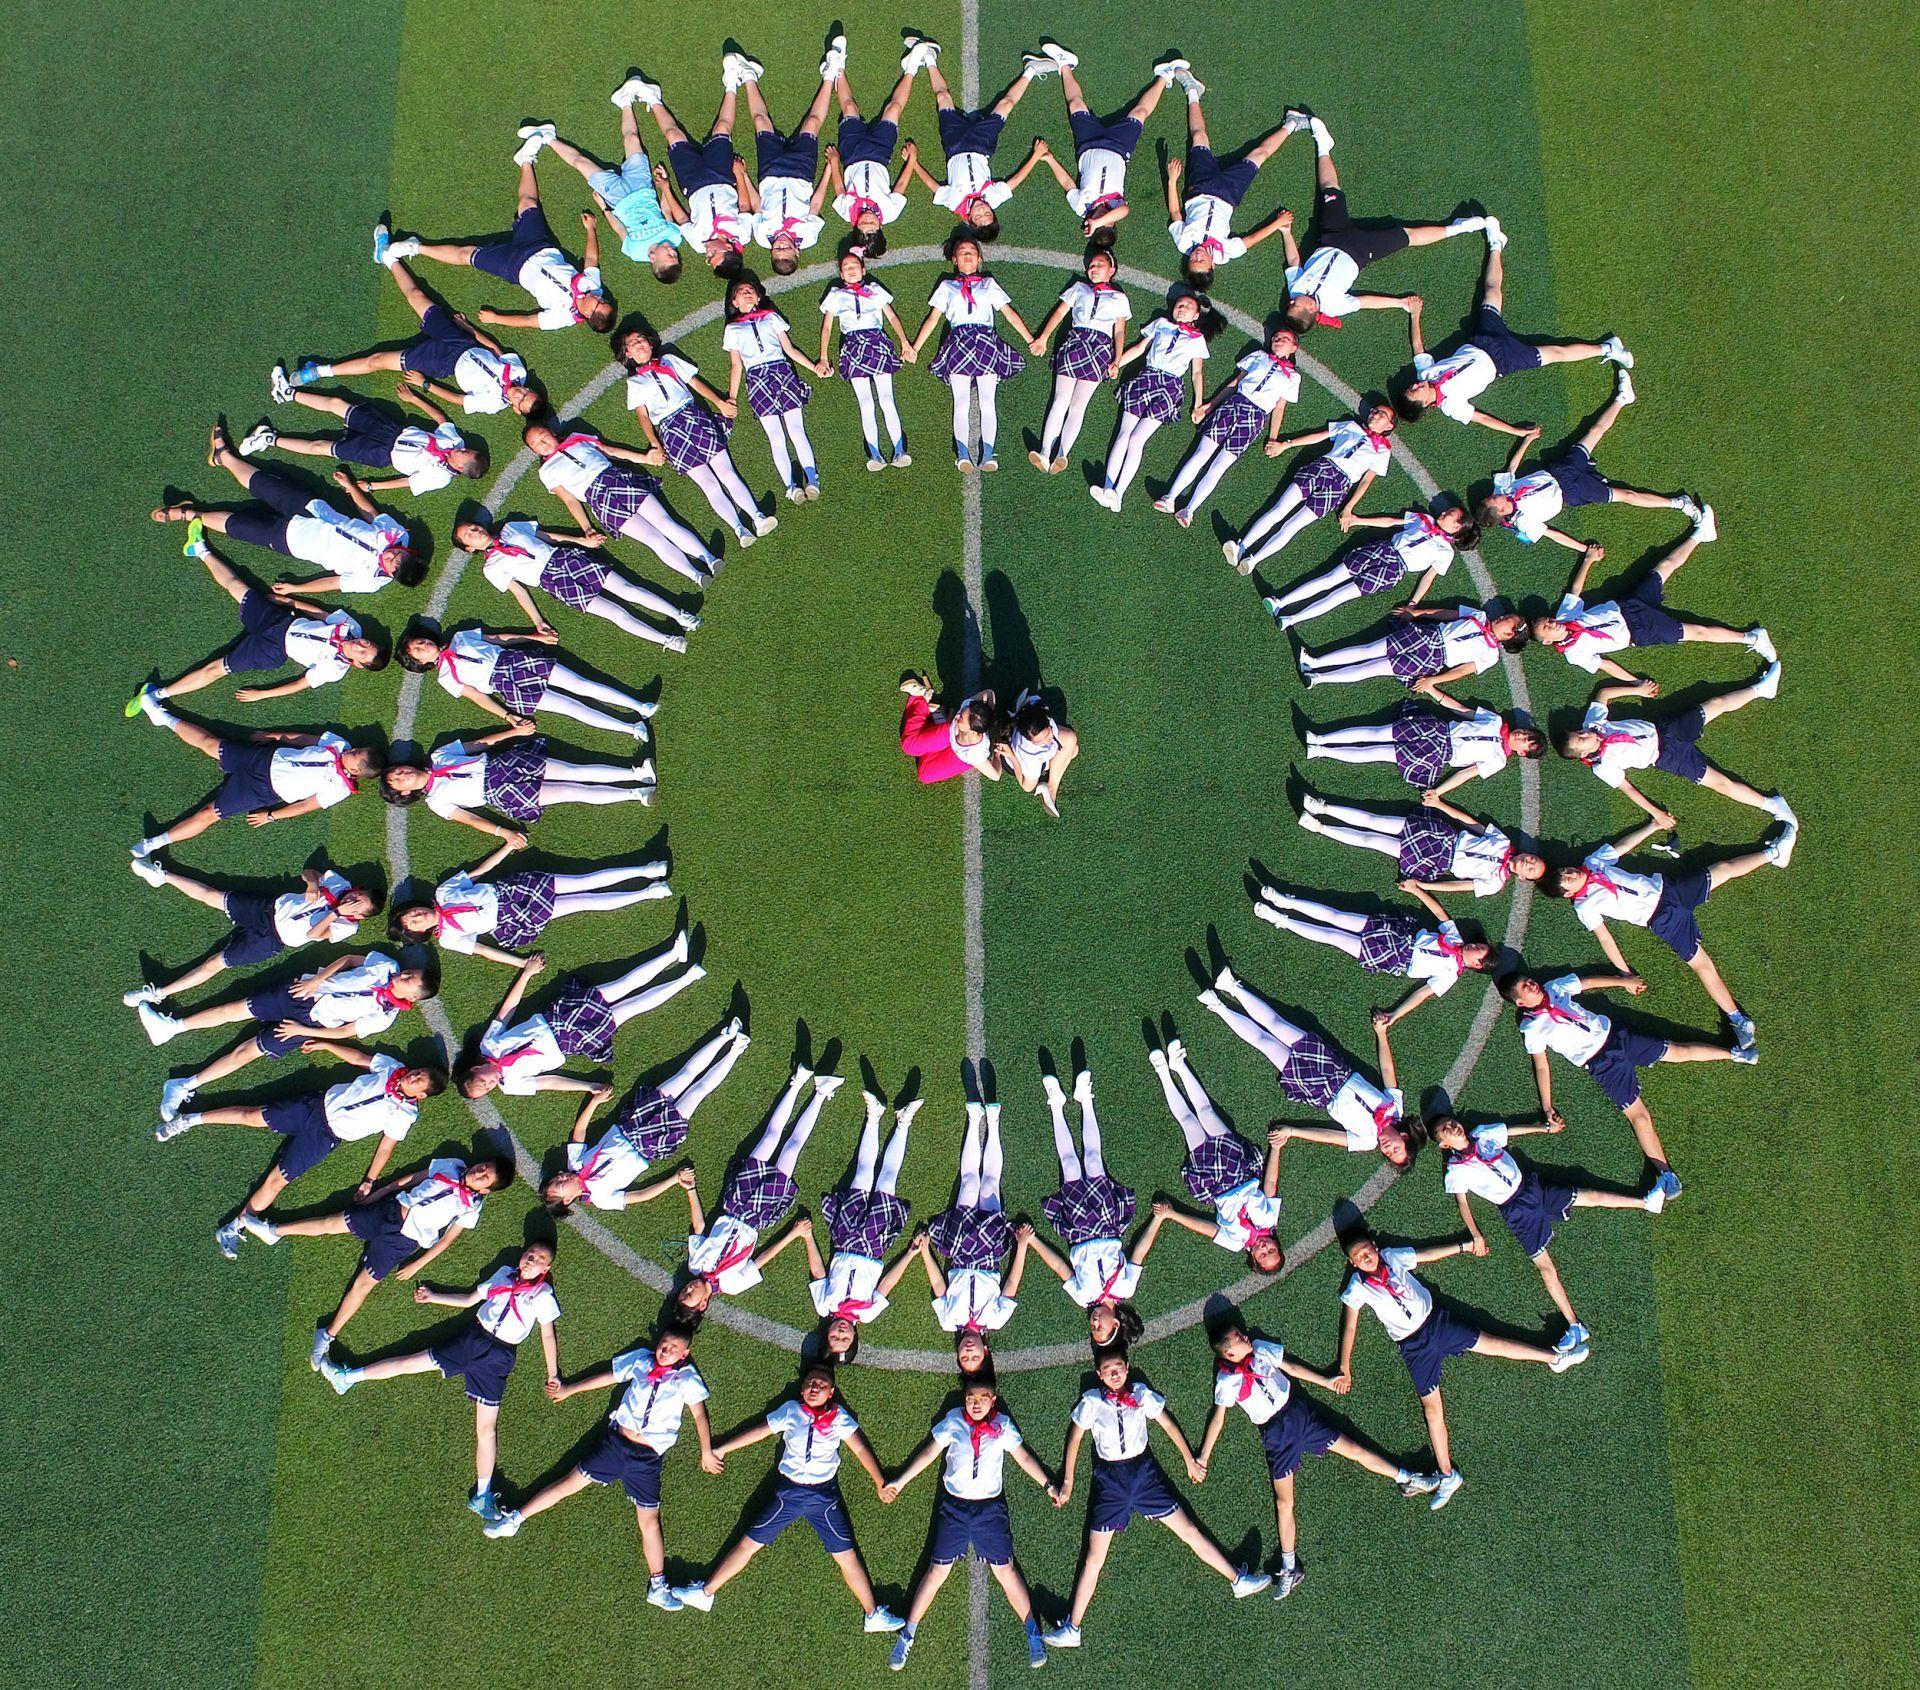 fotografía aérea de escuelas